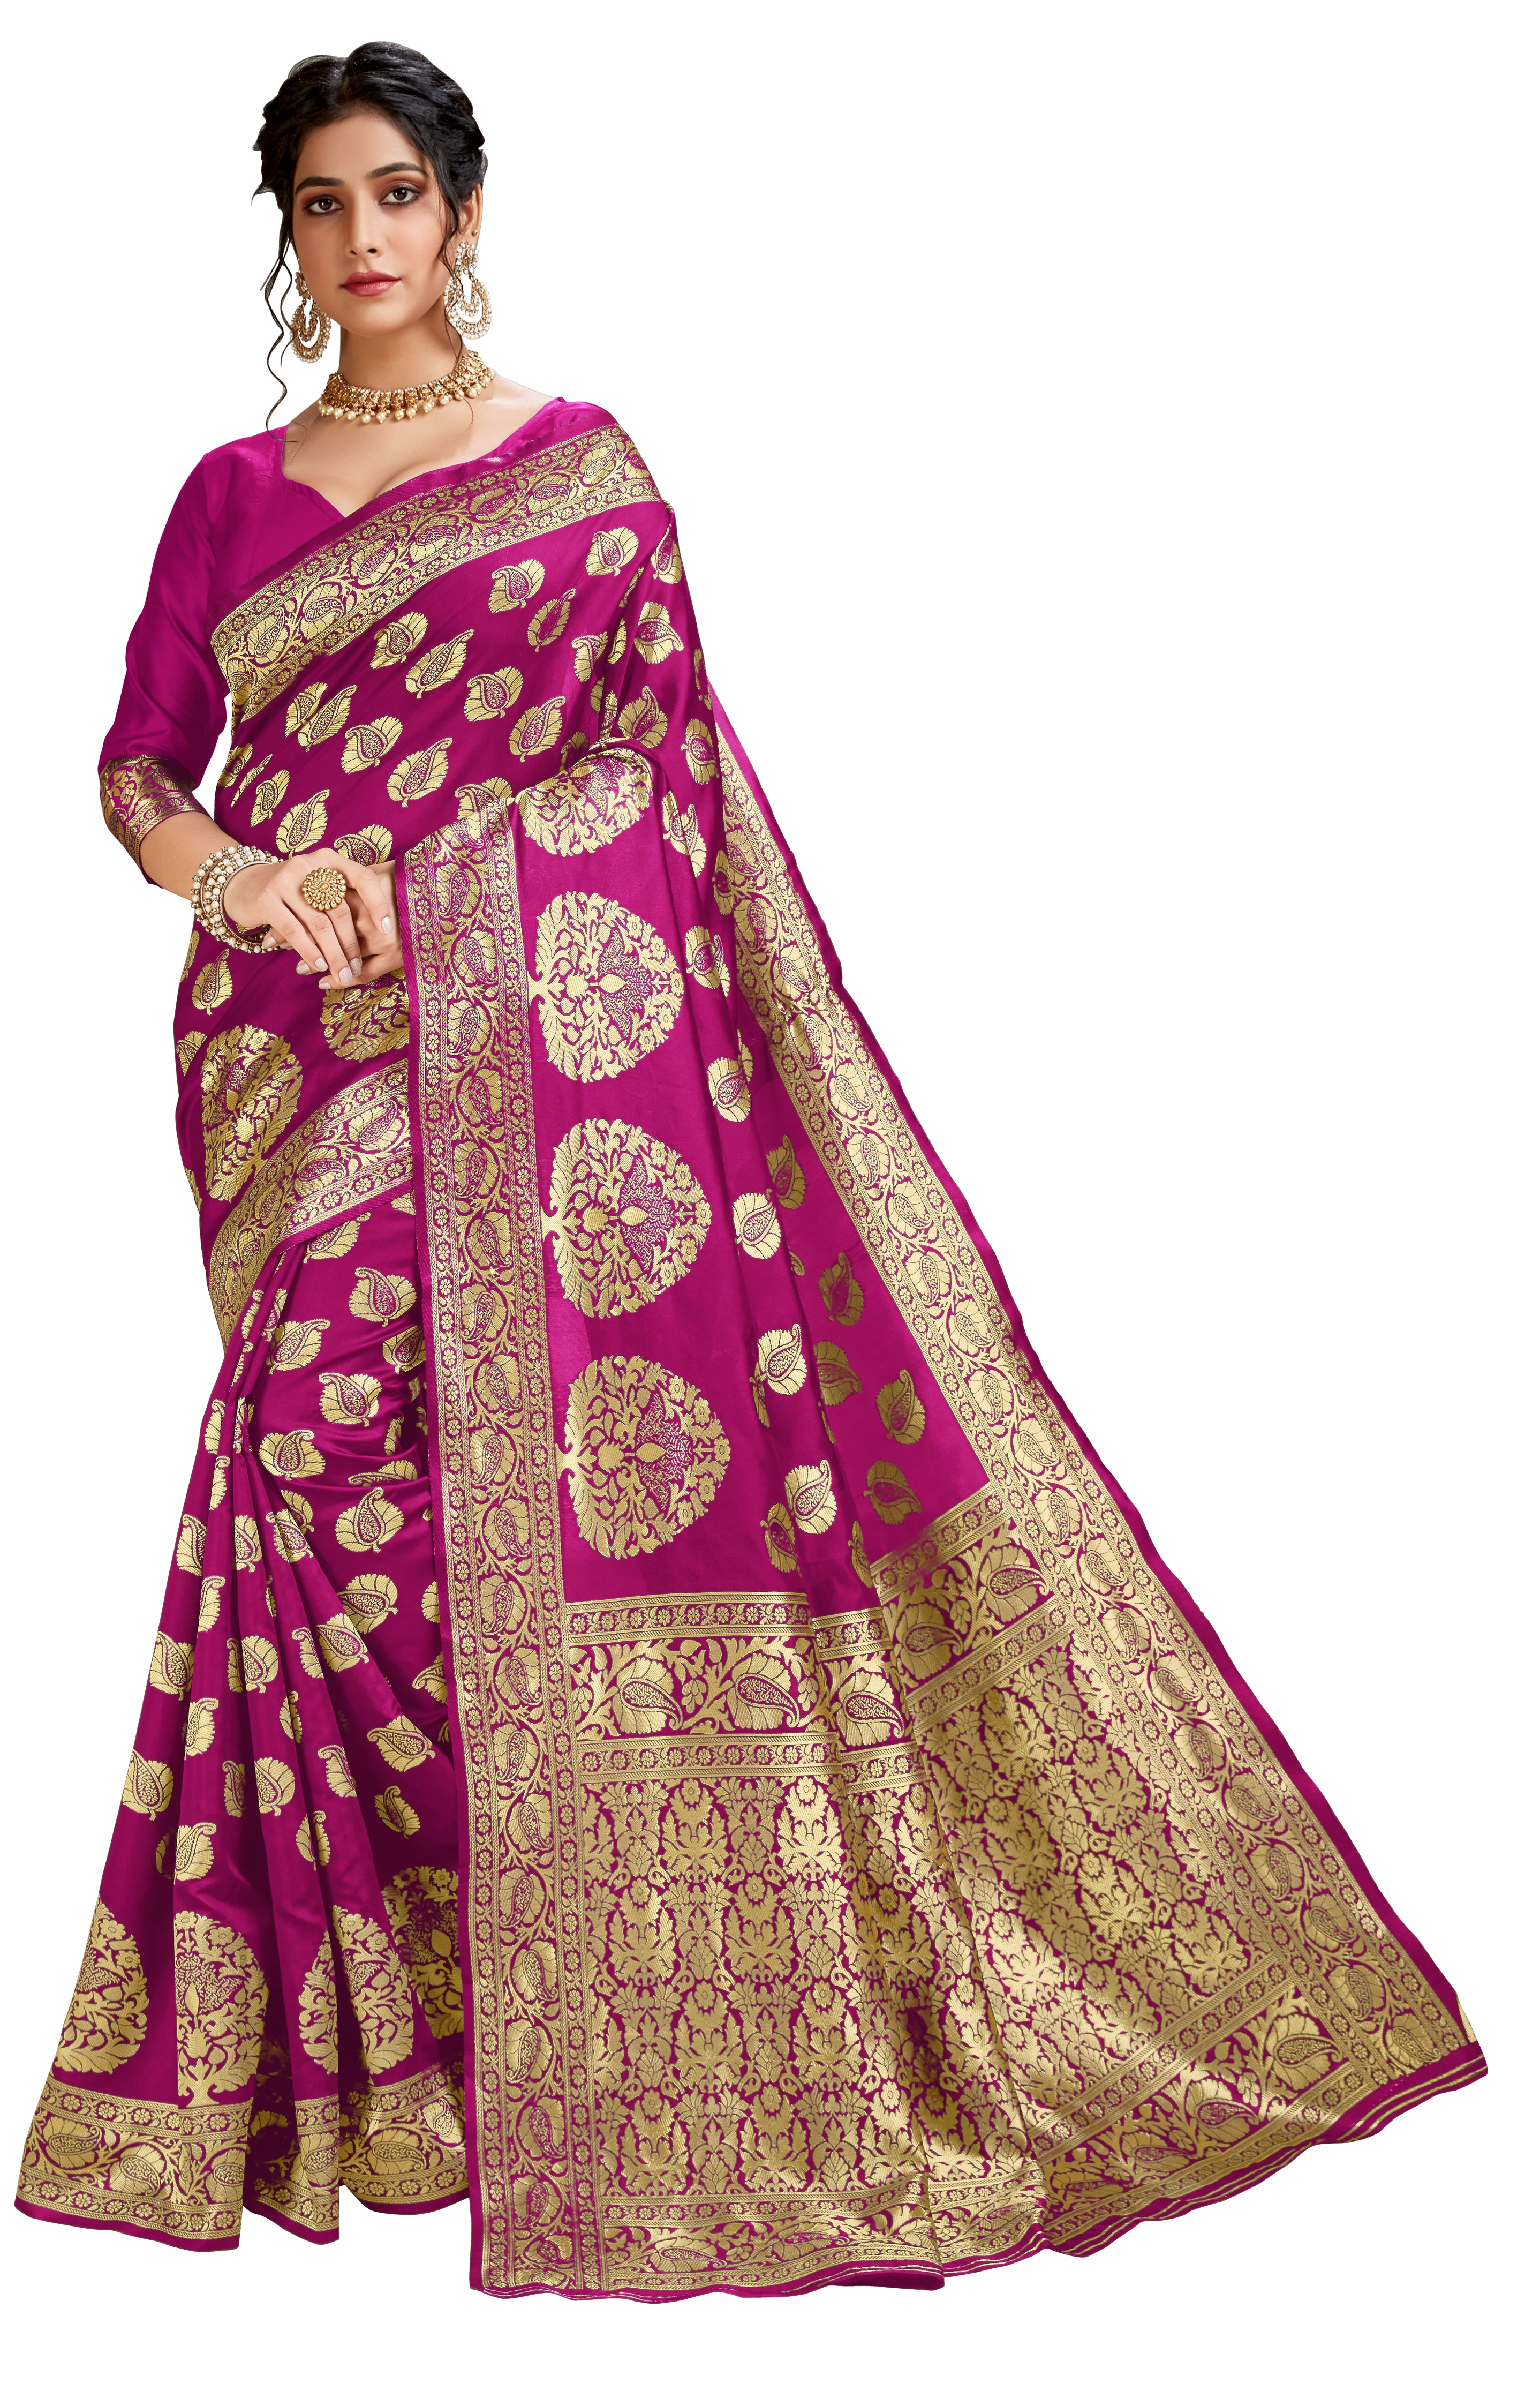 Glemora Pink Lichi Cotton Akriti Saree With Unstitched Blouse